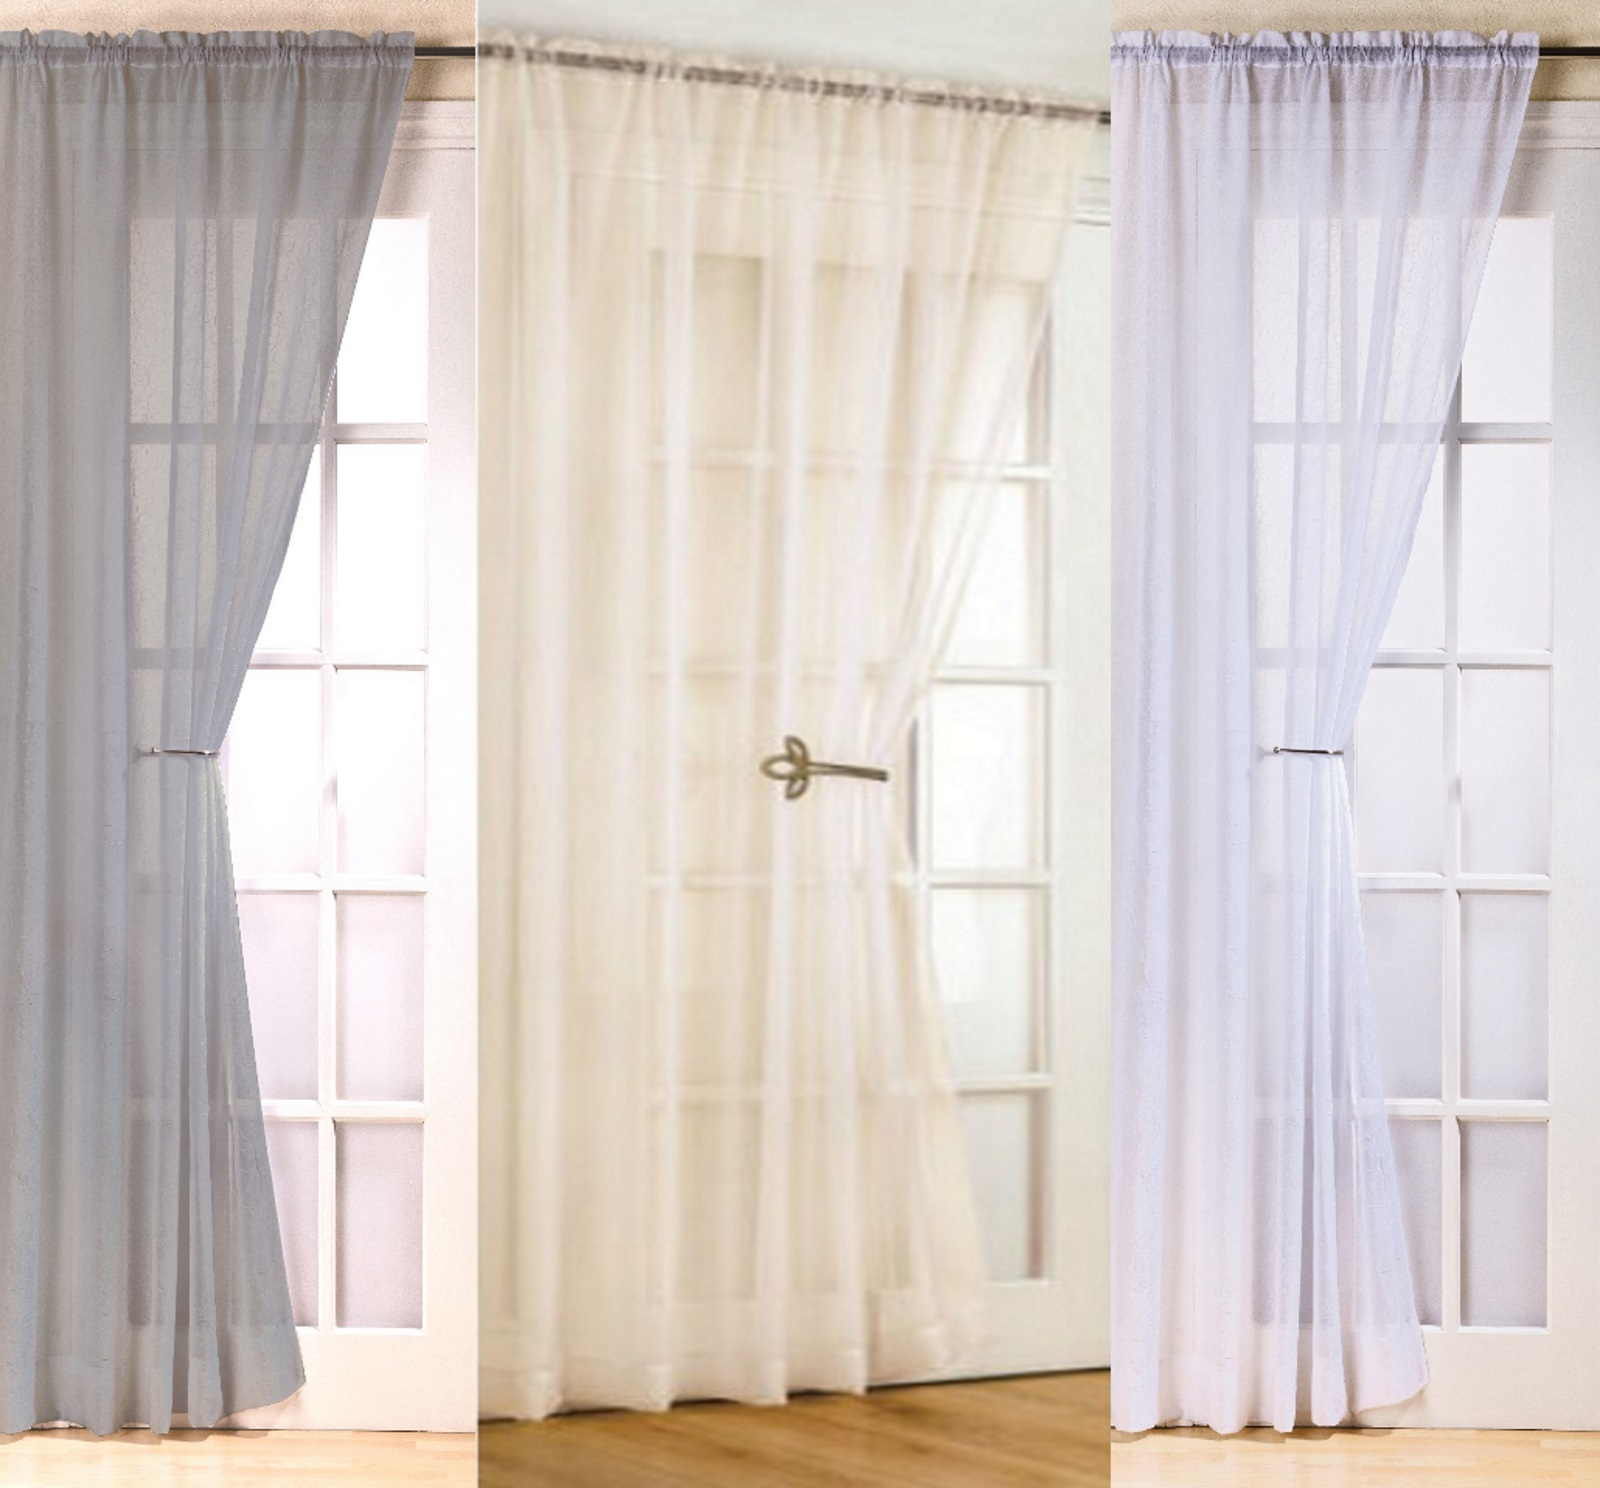 Luxury FIJI Voile Curtain Blind Door Panel 48u0026quot; 54u0026quot; 72u0026quot; 90u0026quot; Ready Made to Hang